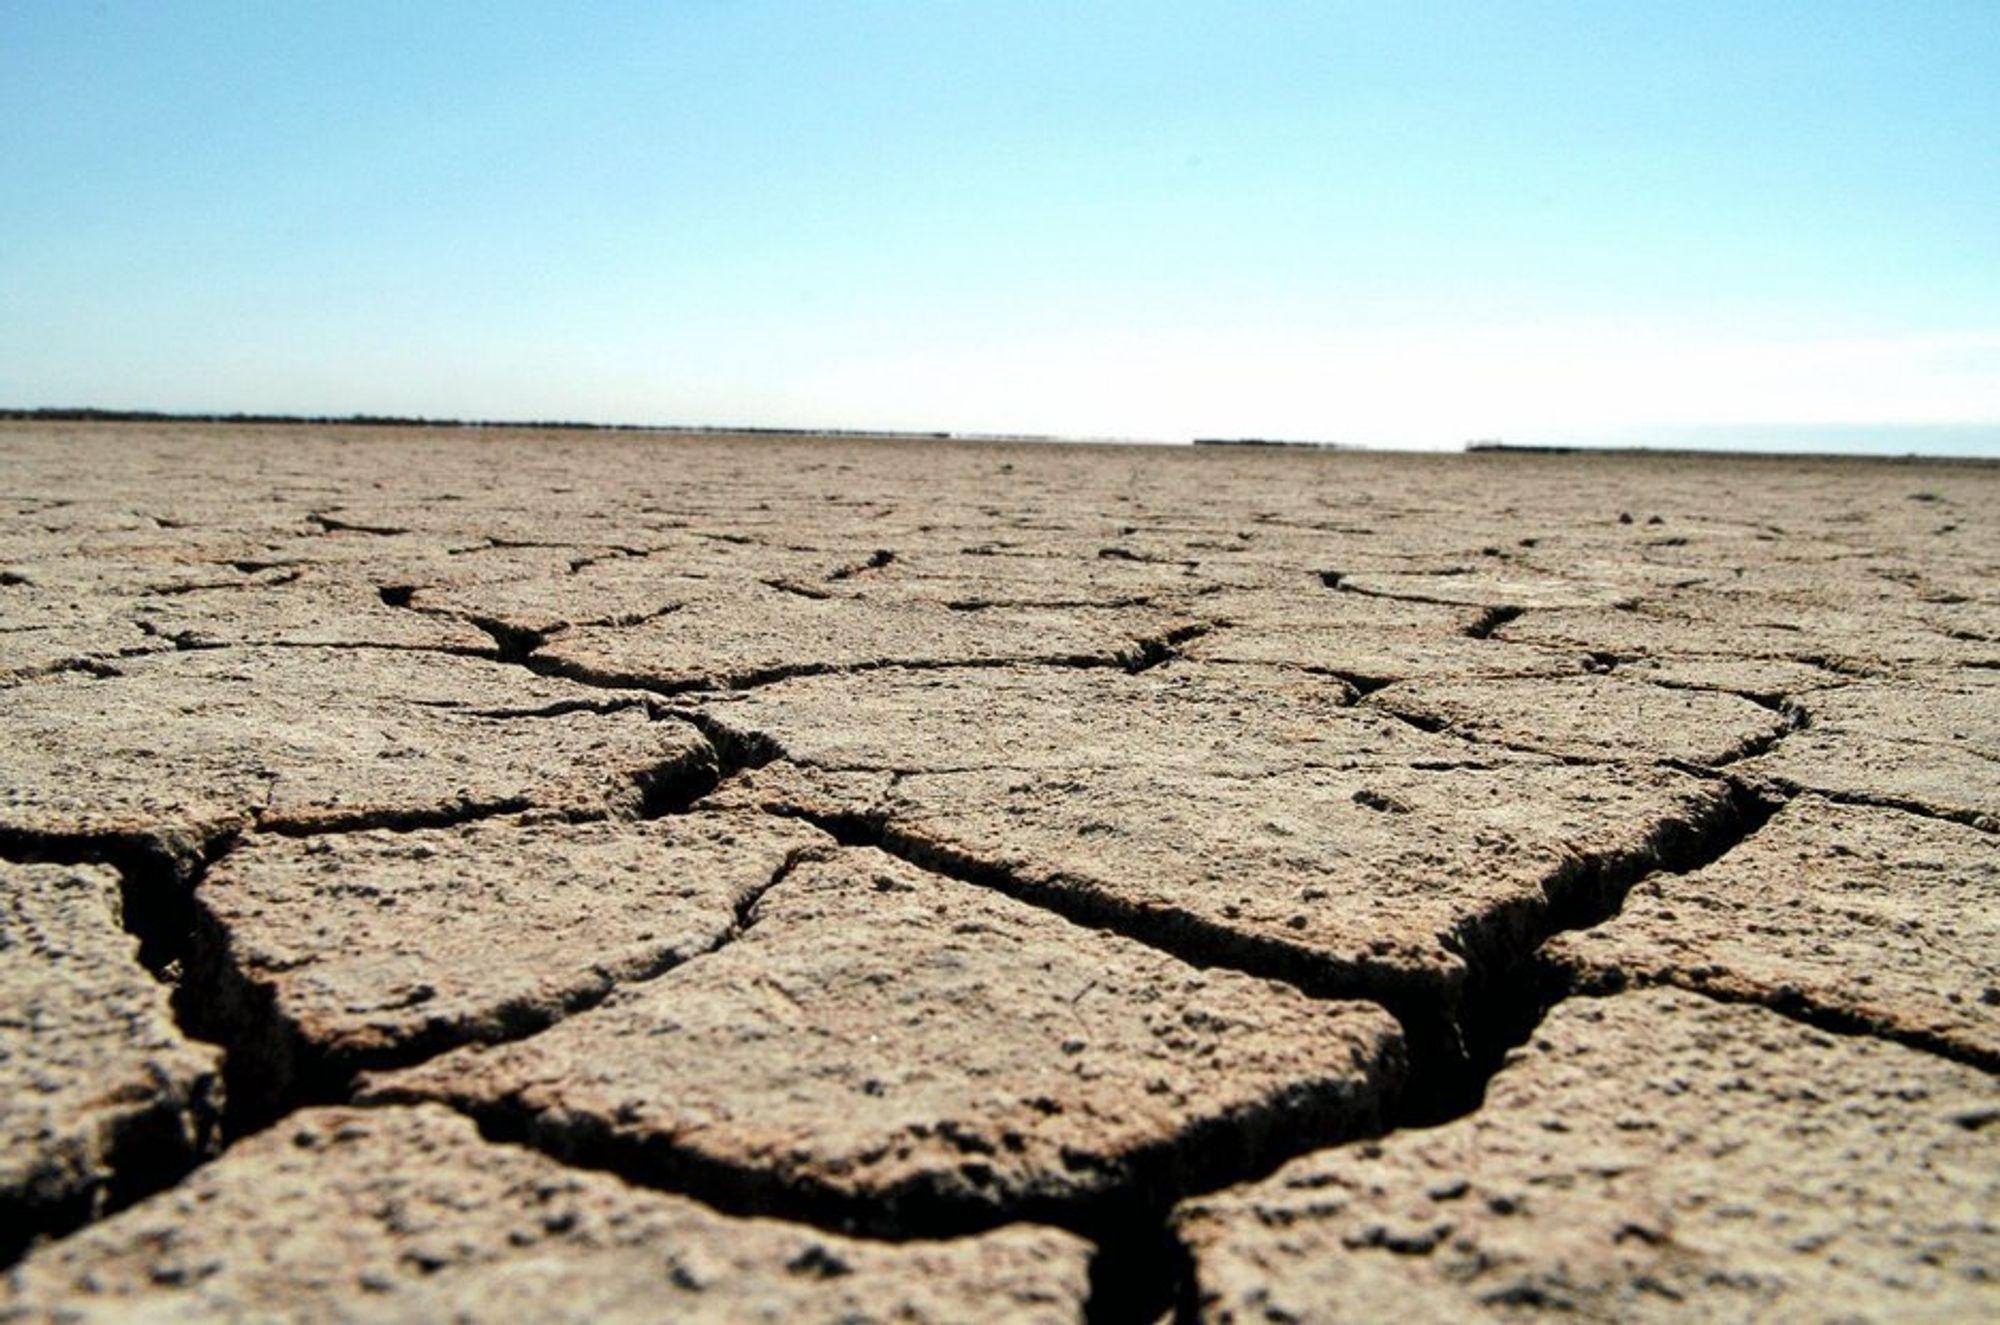 Klimaendringene forårsaker lidelser for hundrevis av millioner mennesker verden over, sier FNs generalsekretær Kofi Annan.